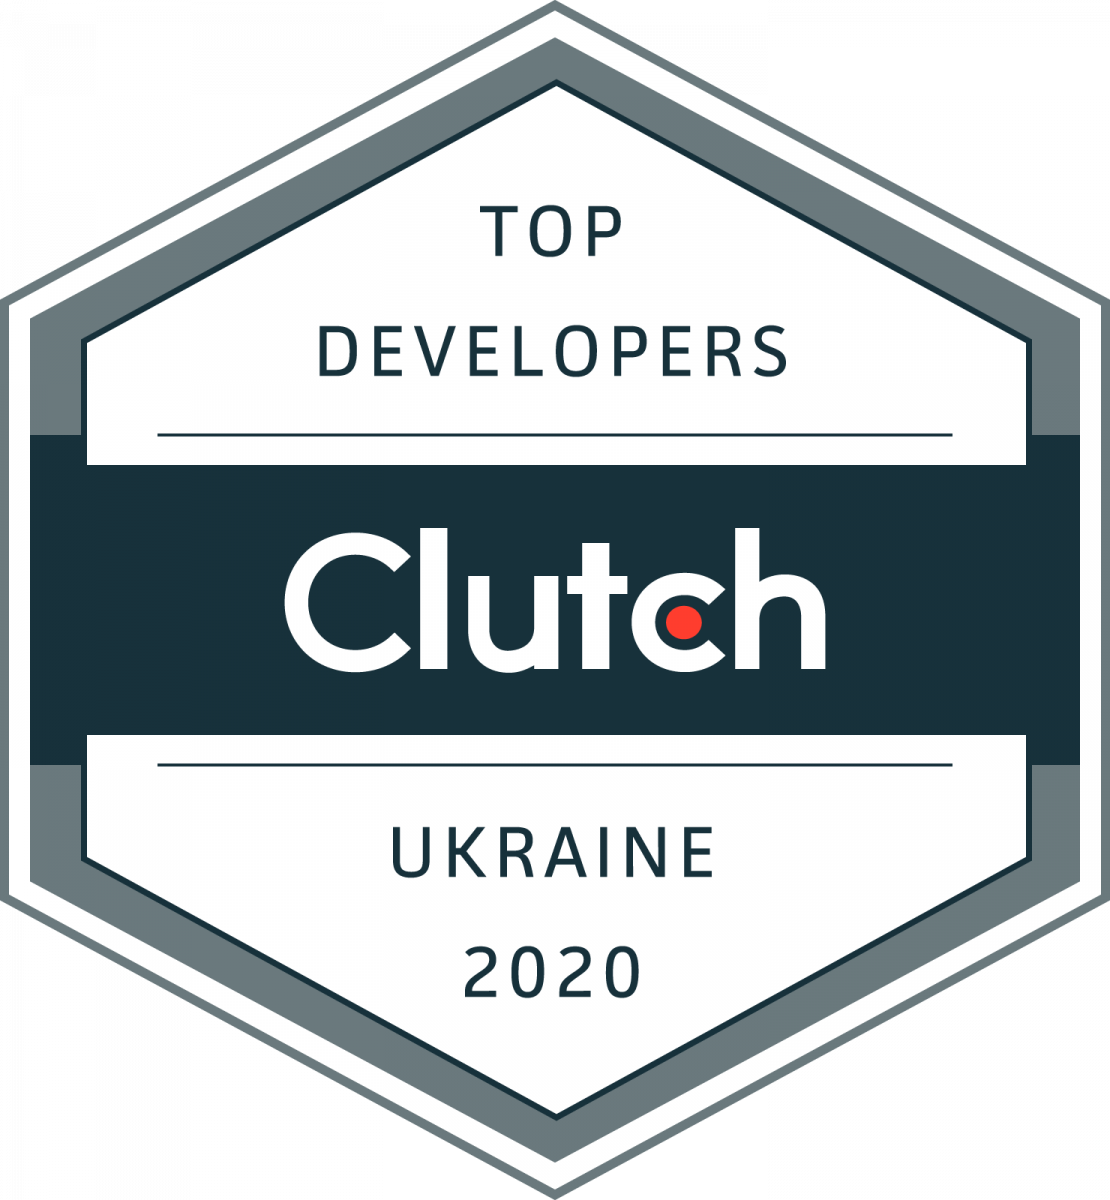 ukraine software dev 2020